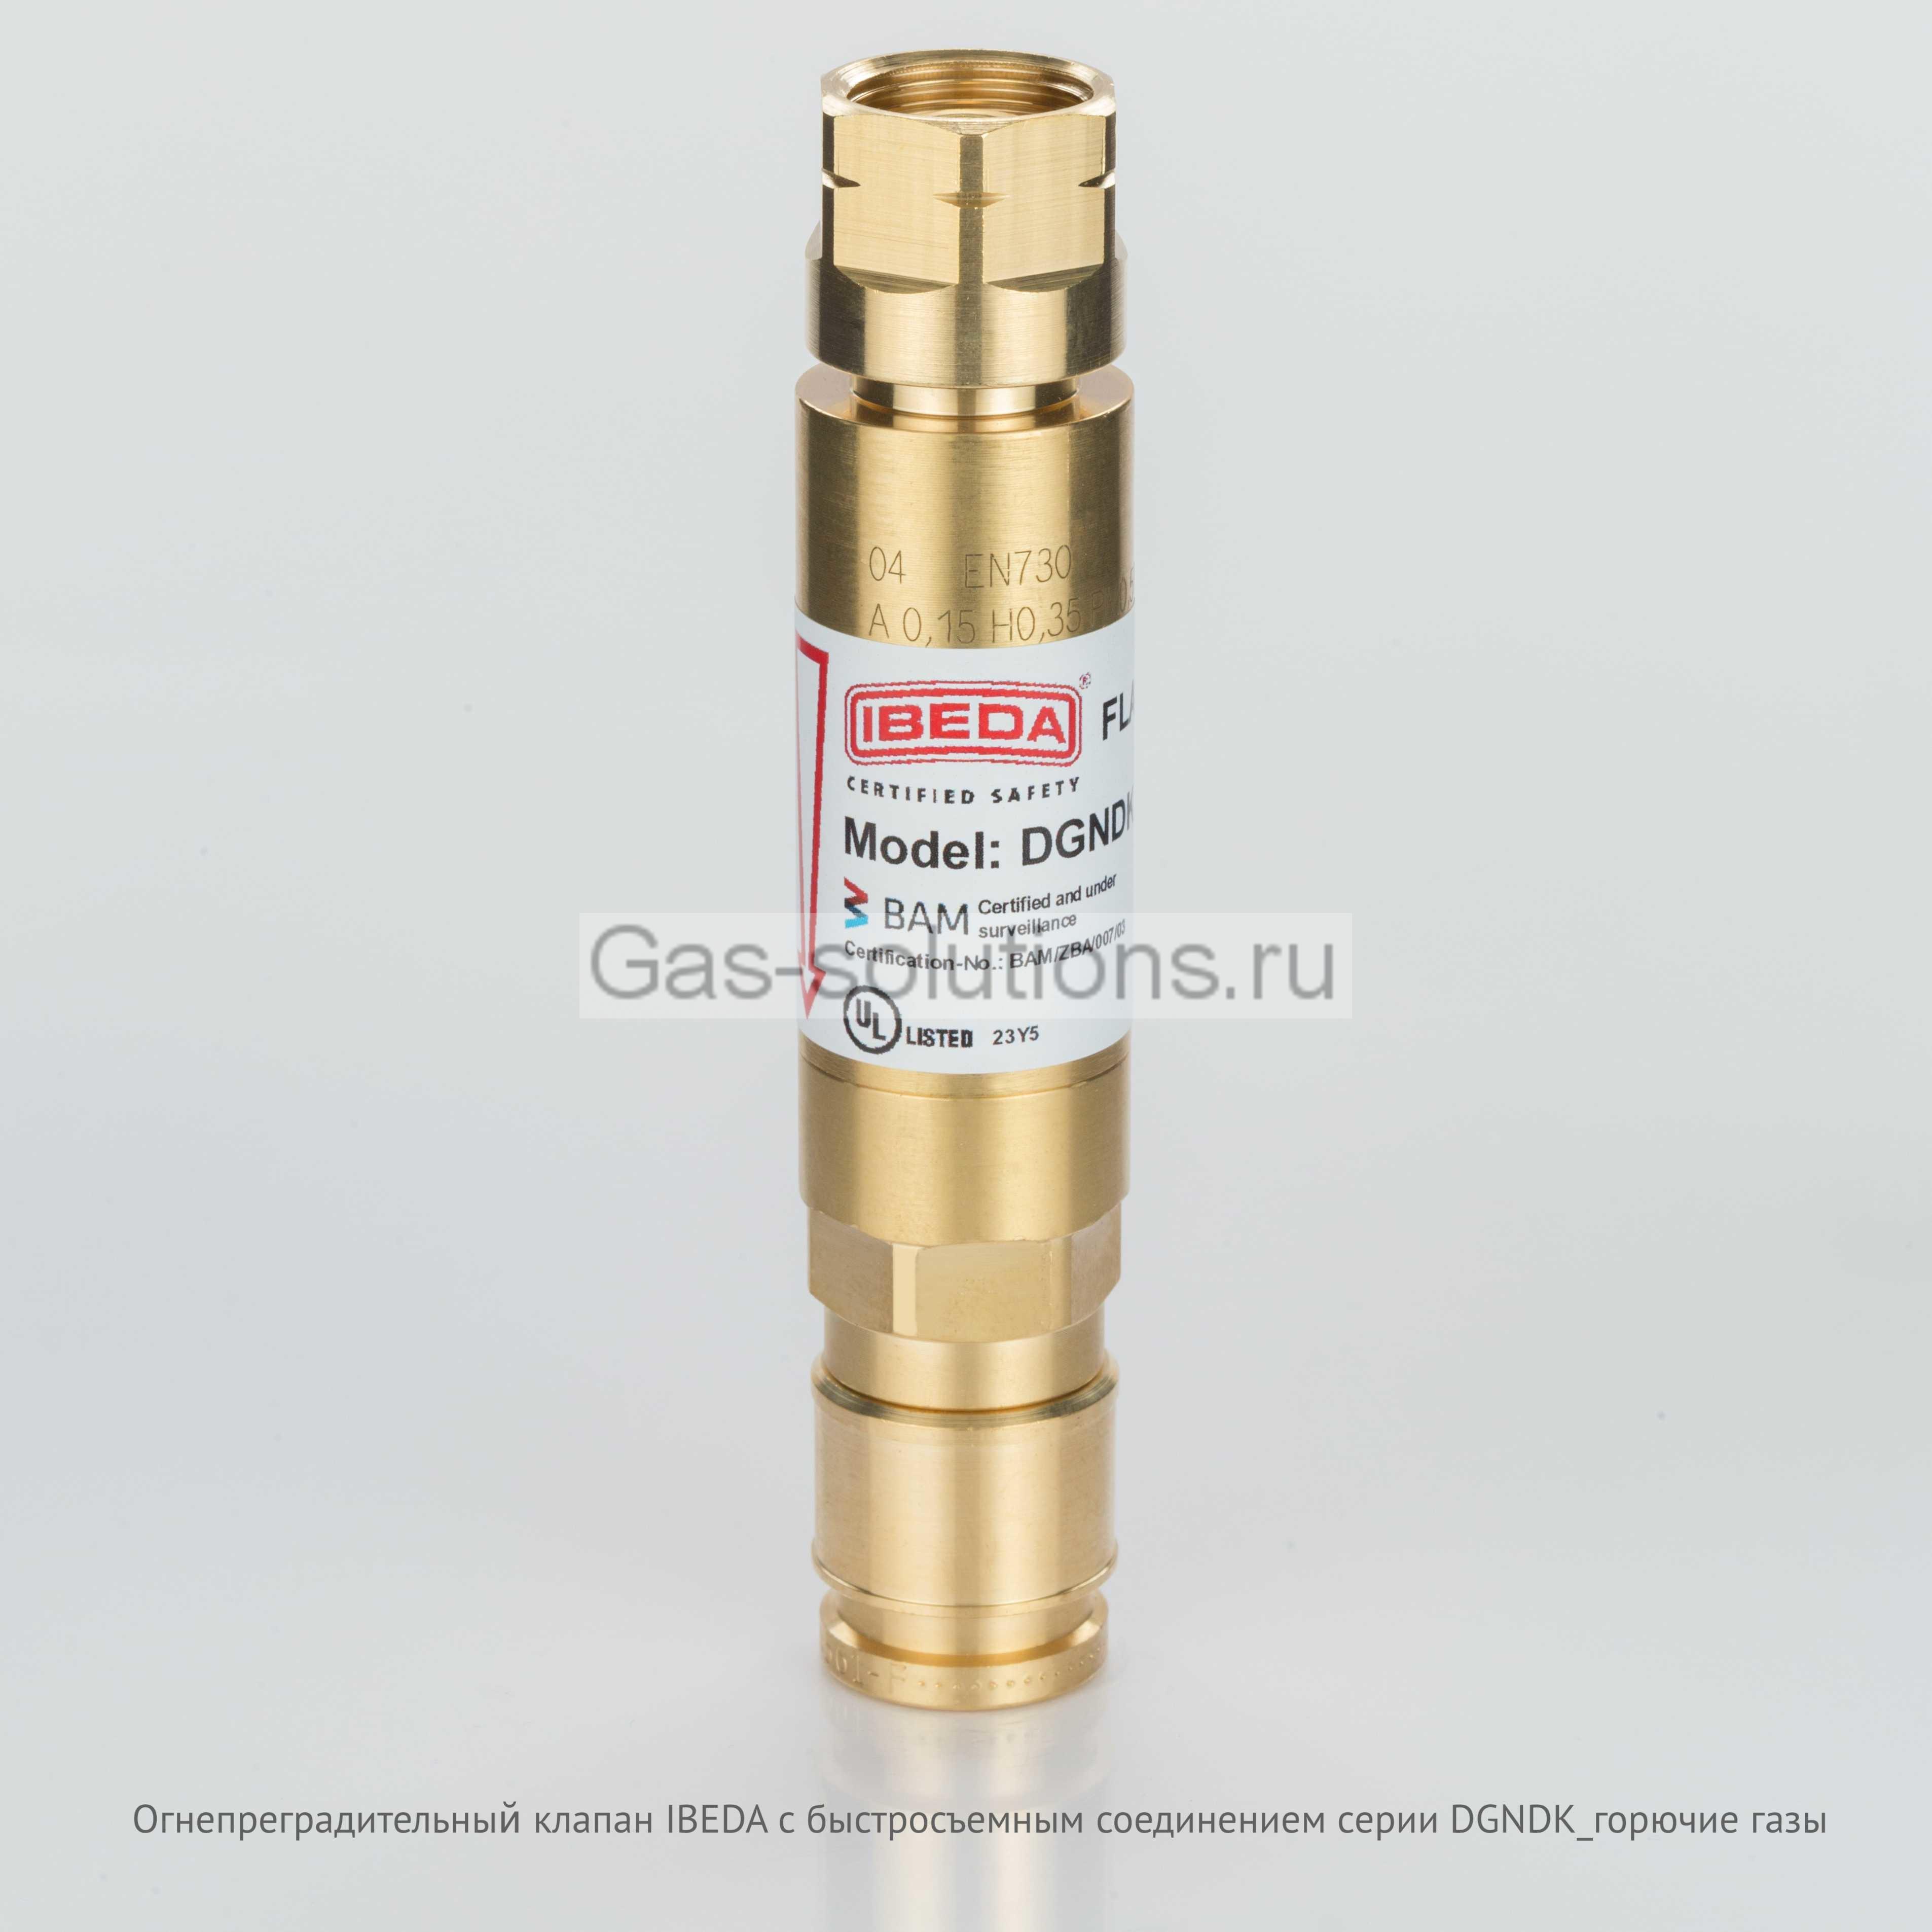 Огнепреградительный клапан IBEDA с быстросъемным соединением серии DGNDK_горючие газы